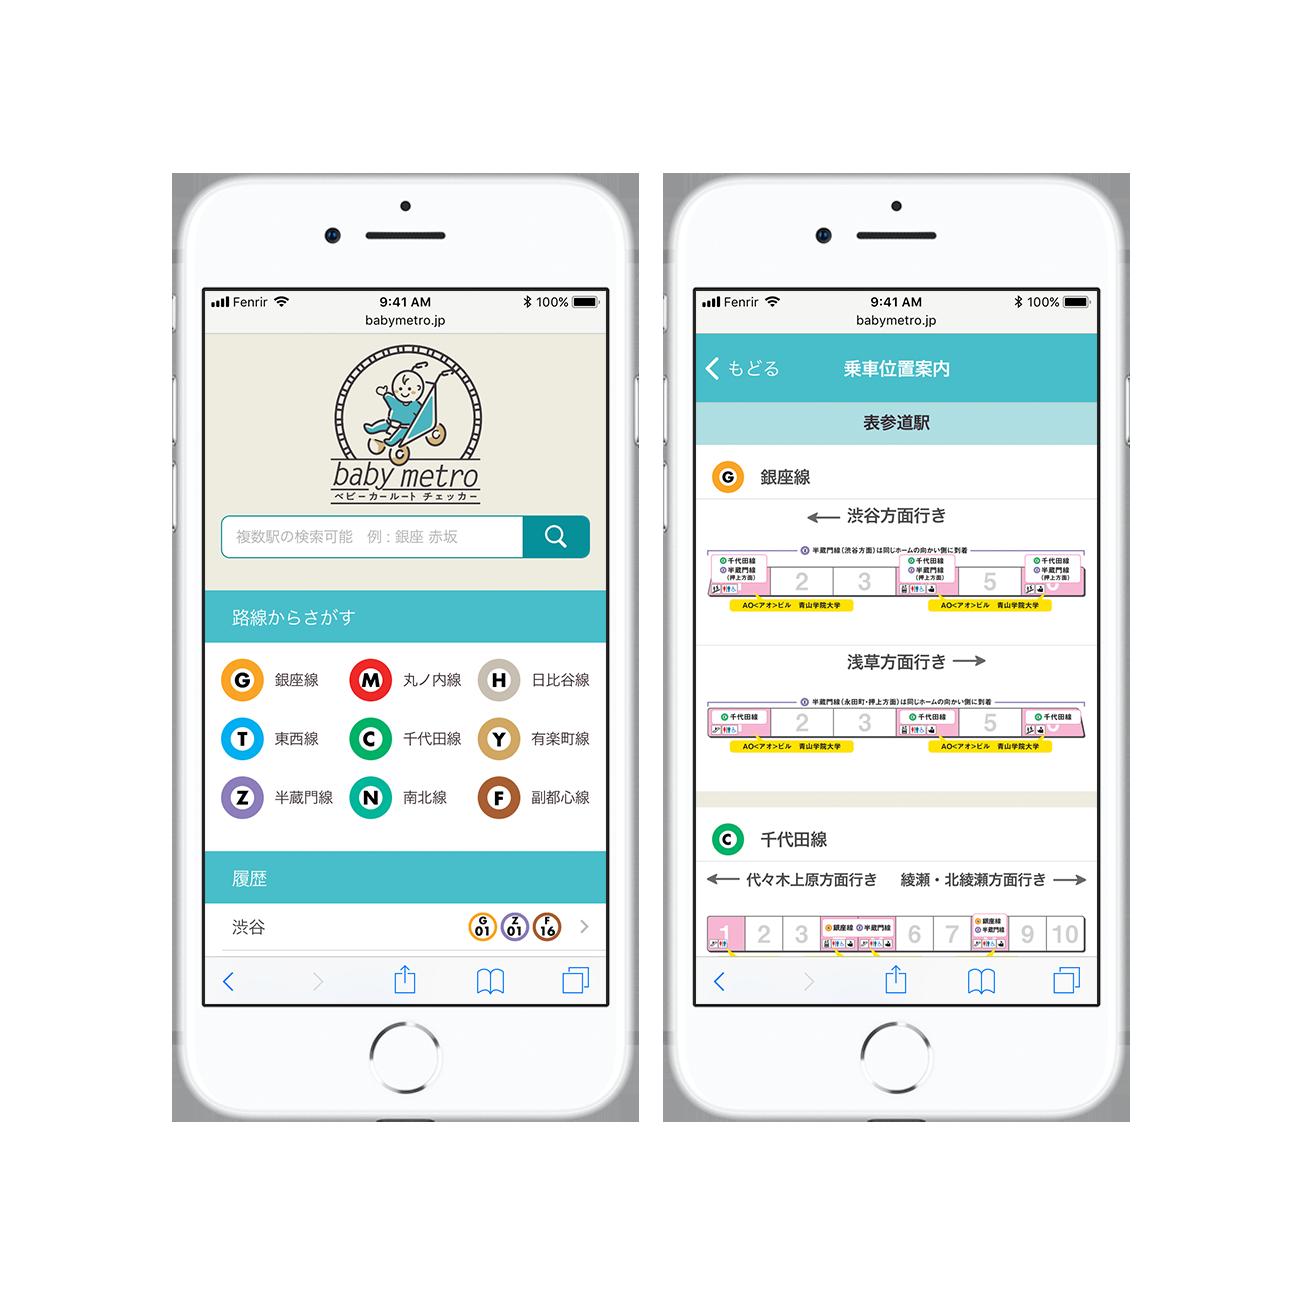 ベビーカーをご利用のお客様が、 東京地下鉄の駅構内でエレベーターなどの設備情報を簡単に検索できるウェブアプリです。